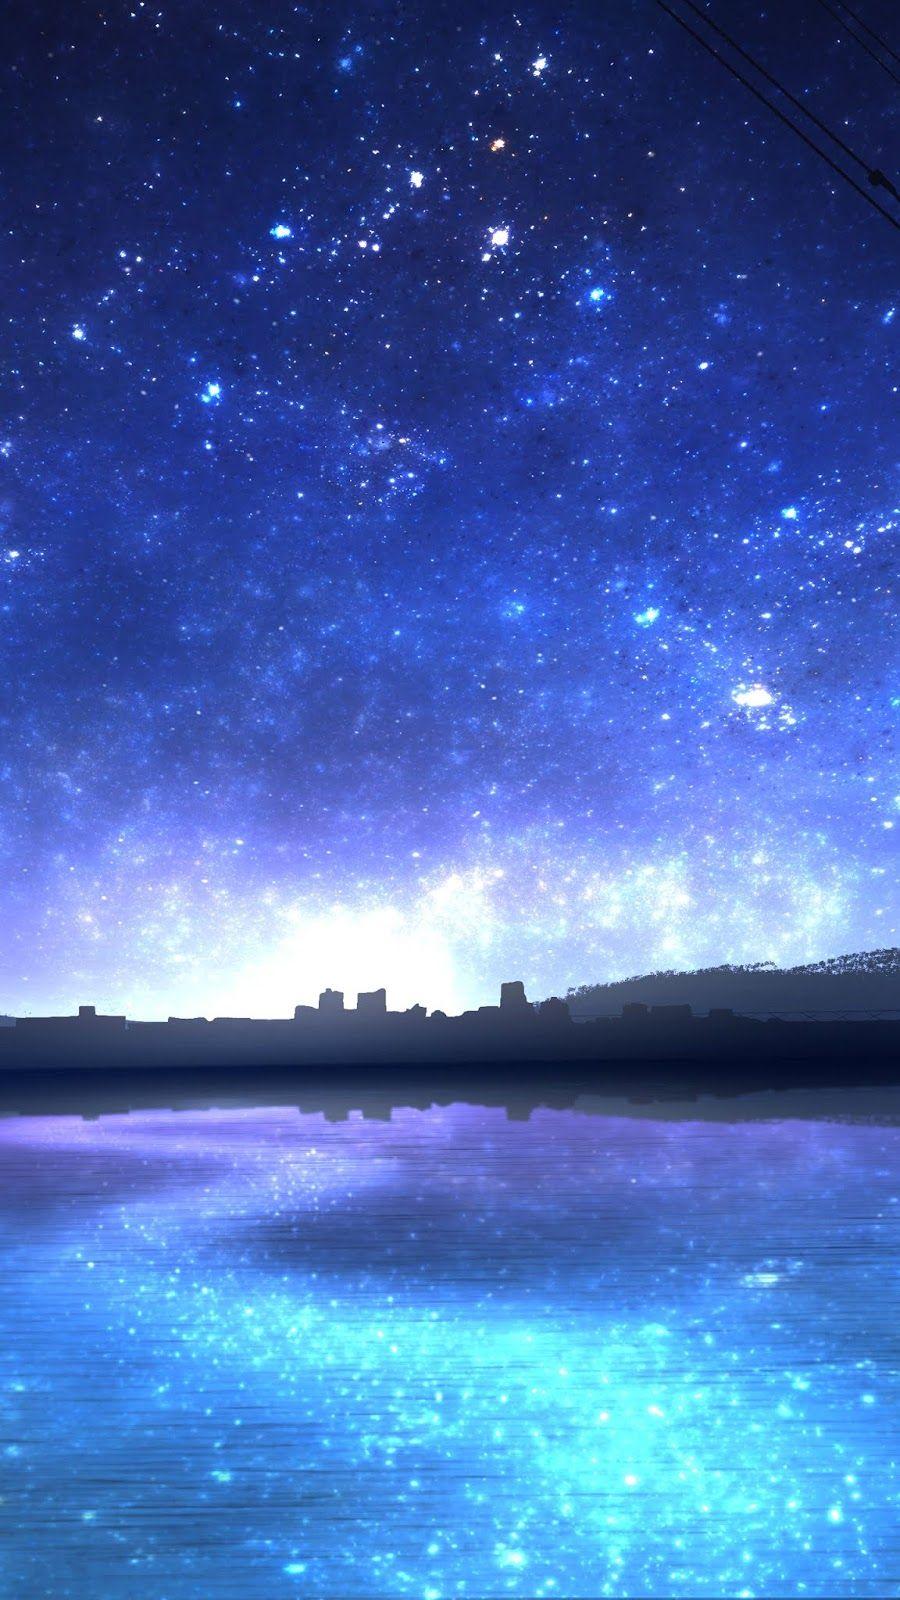 Sông giữa bầu trời sao